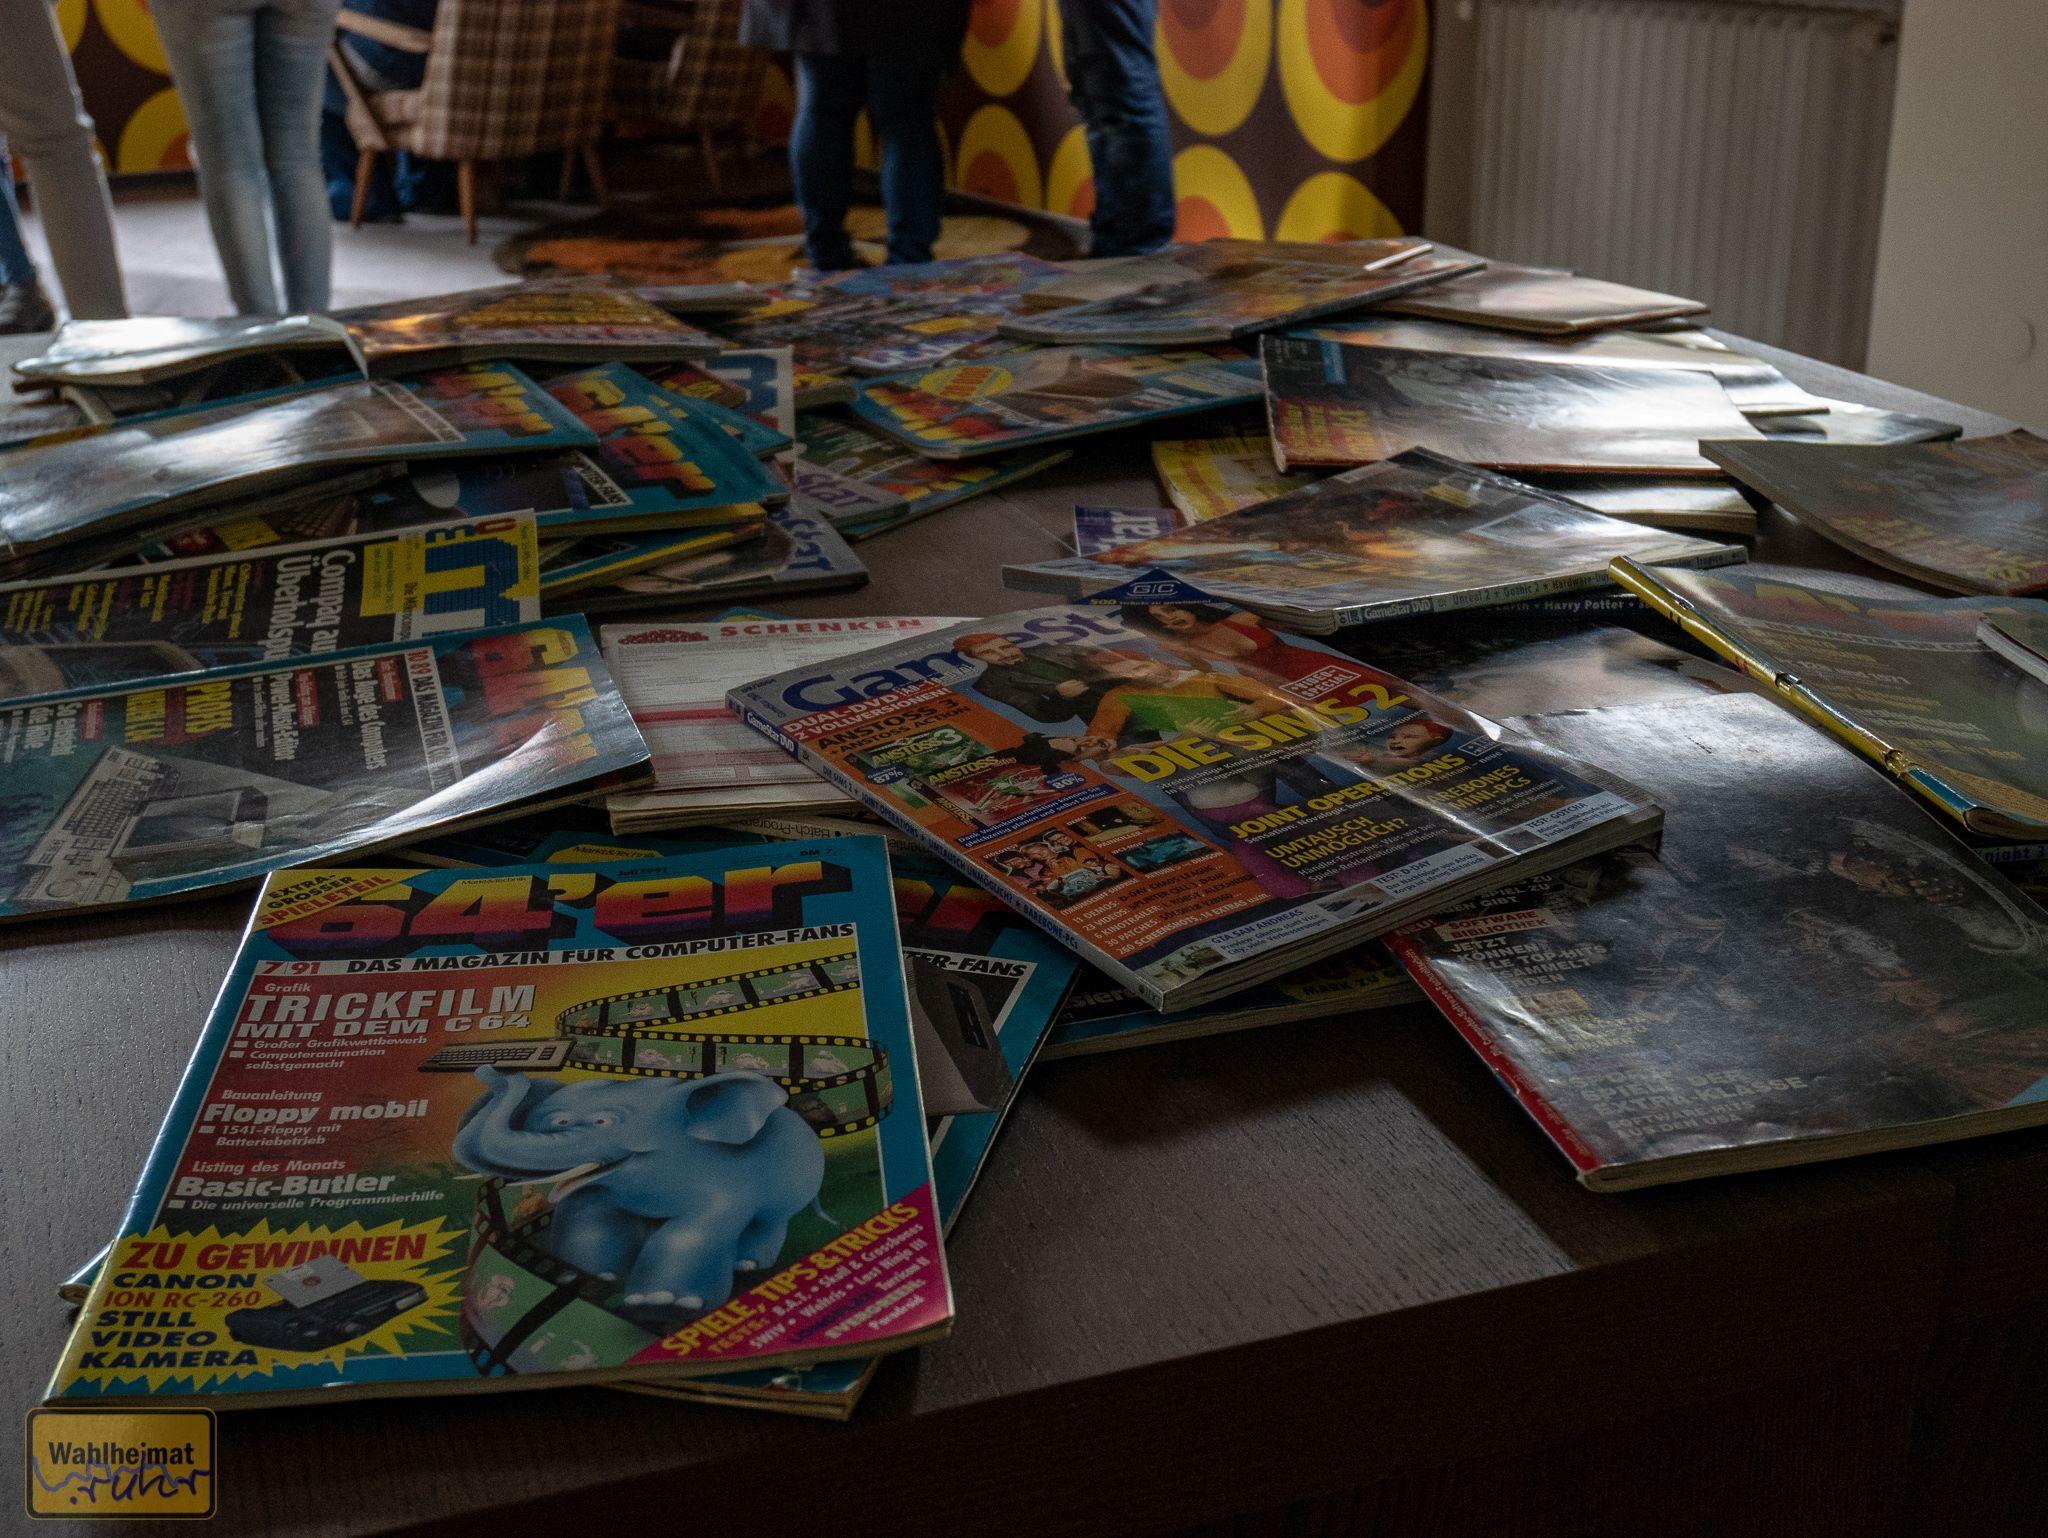 Gamezeitschriften satt.